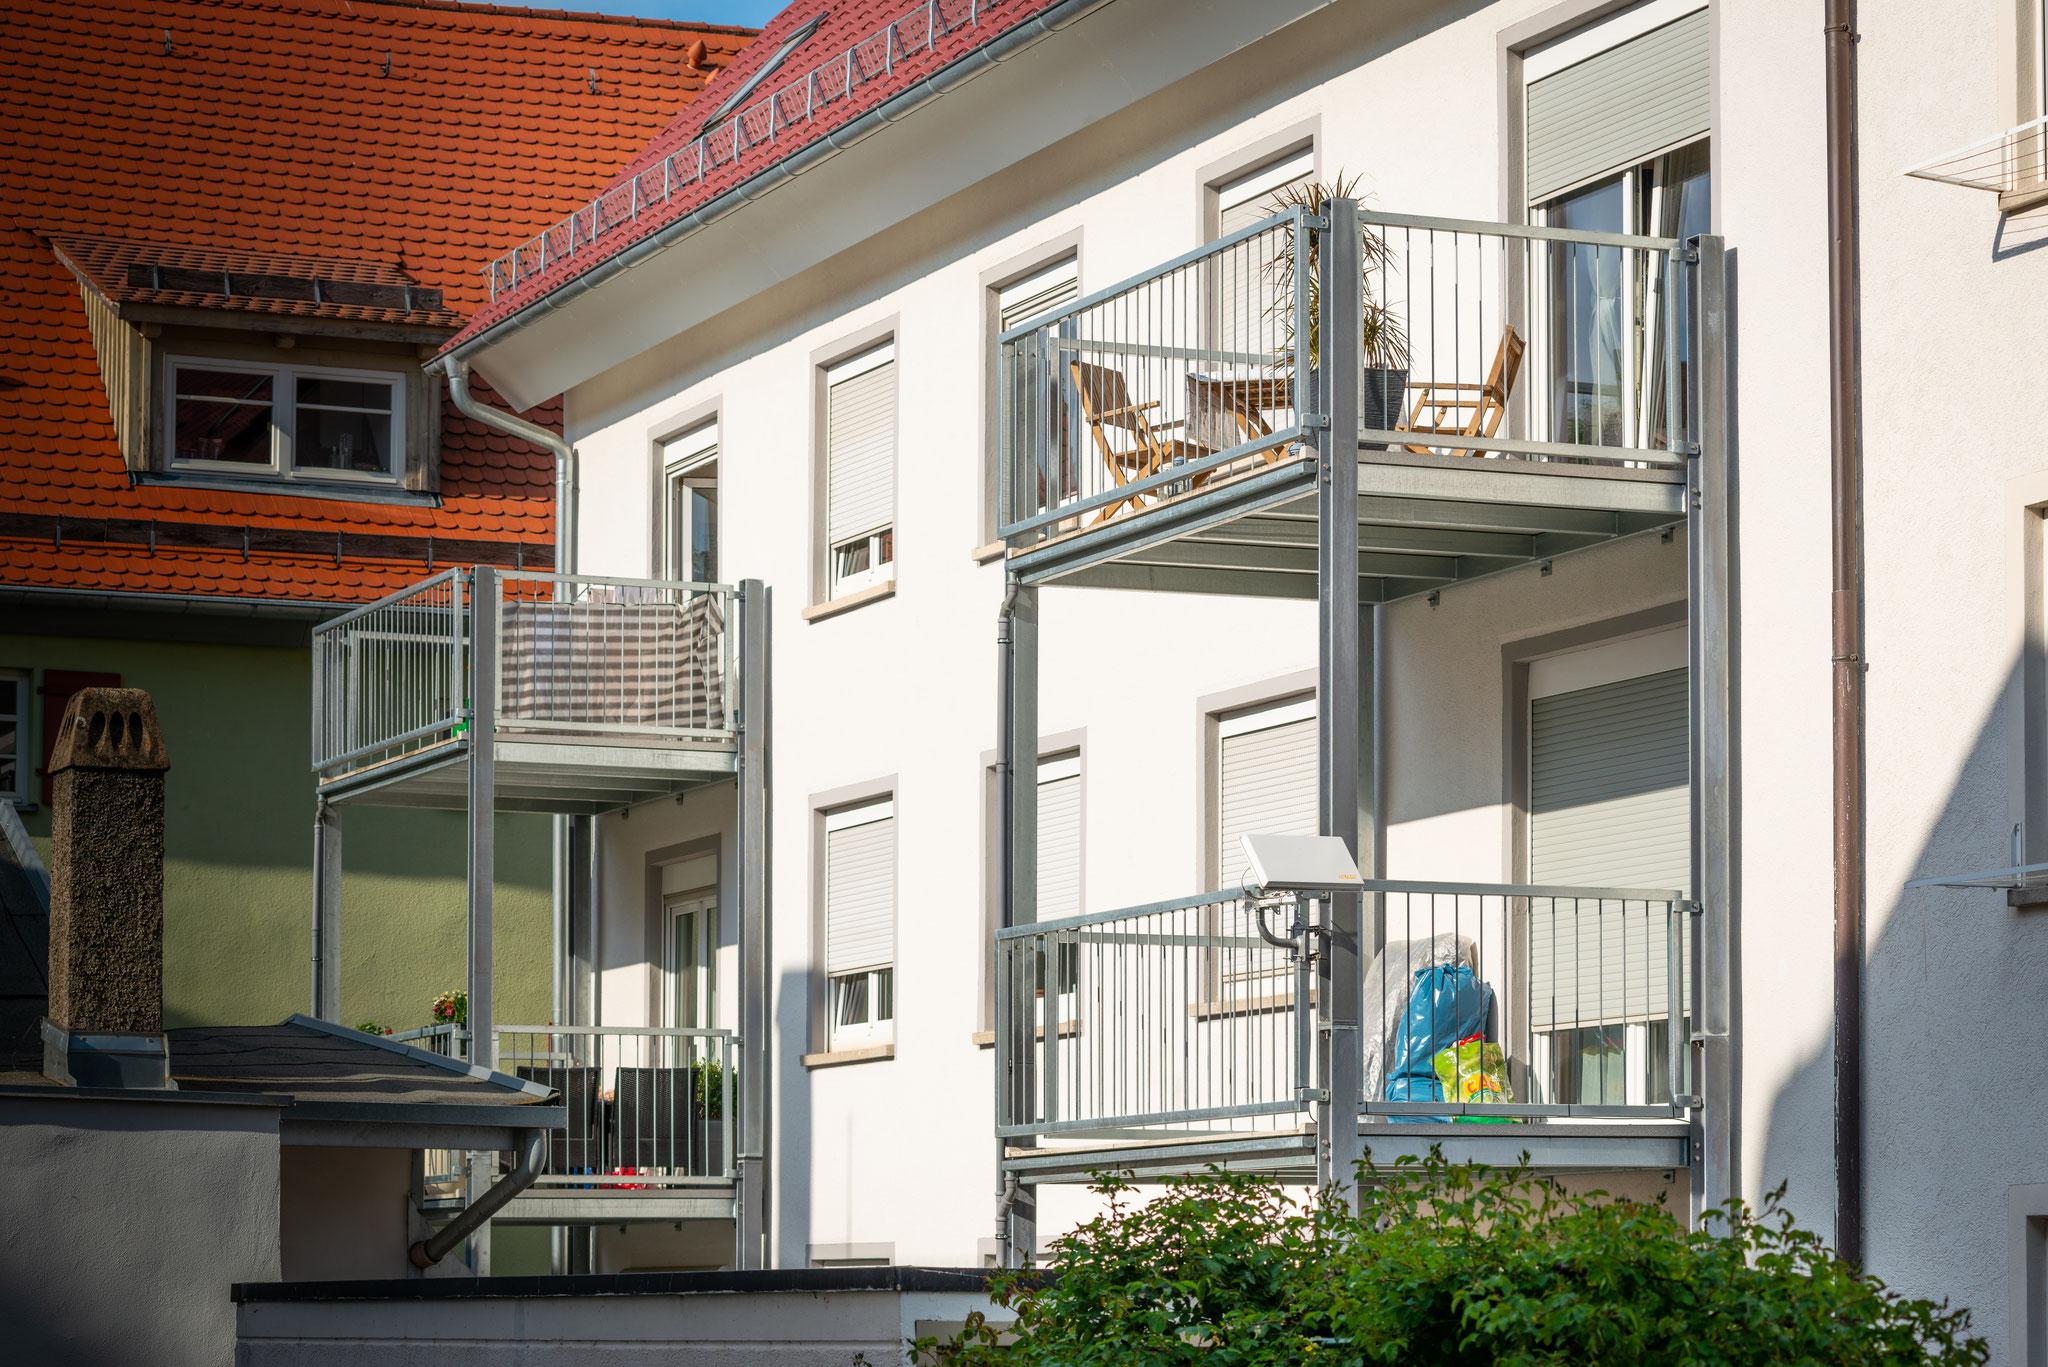 Anbau - Balkon